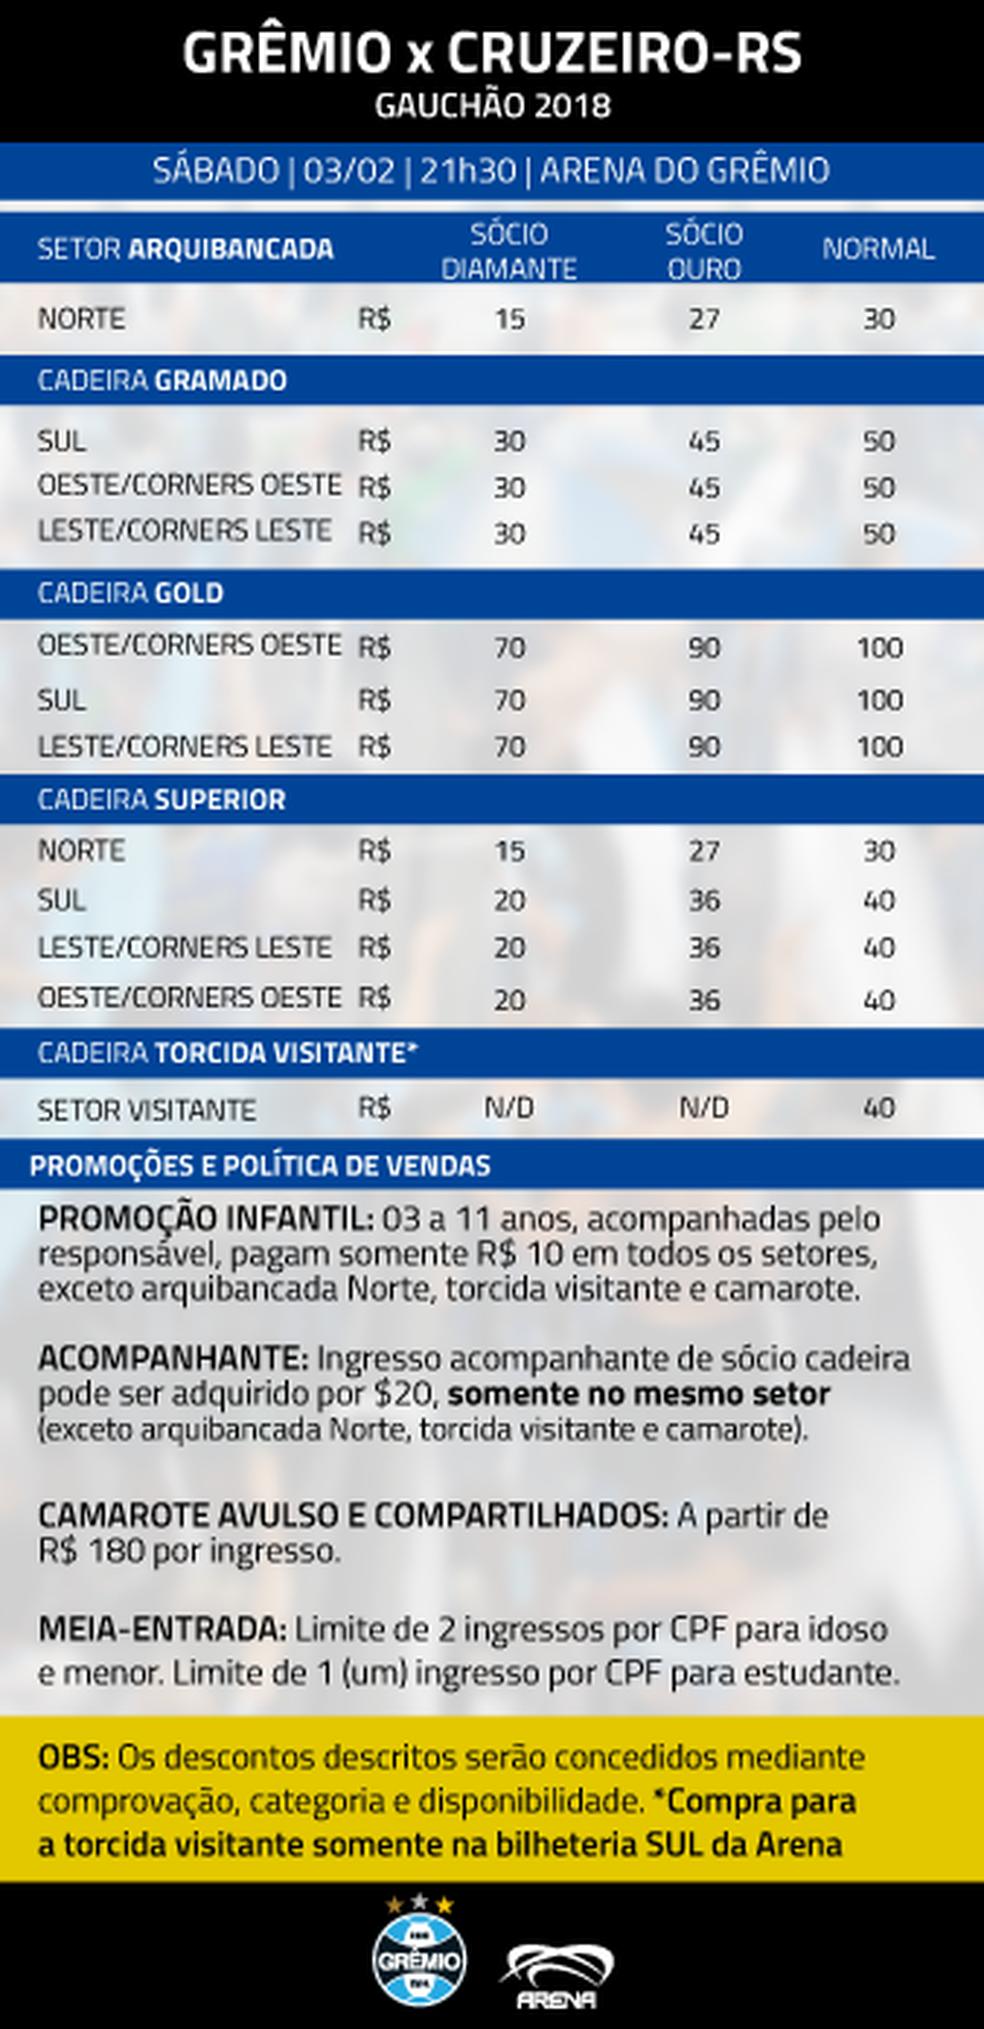 Ingressos Grêmio x Cruzeiro (Foto: Divulgação)